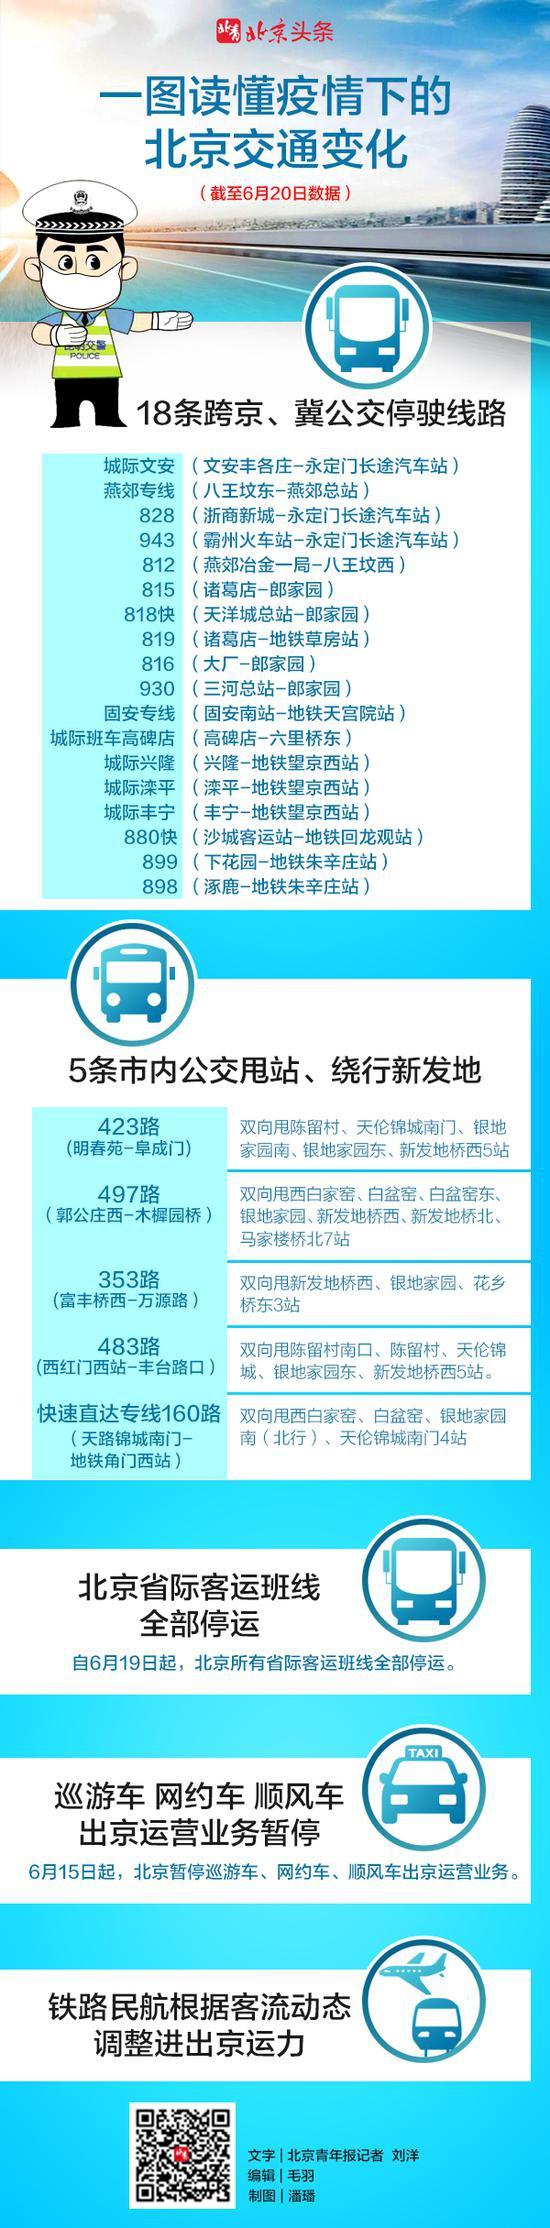 北京疫情下交通信息变化一图汇总图片